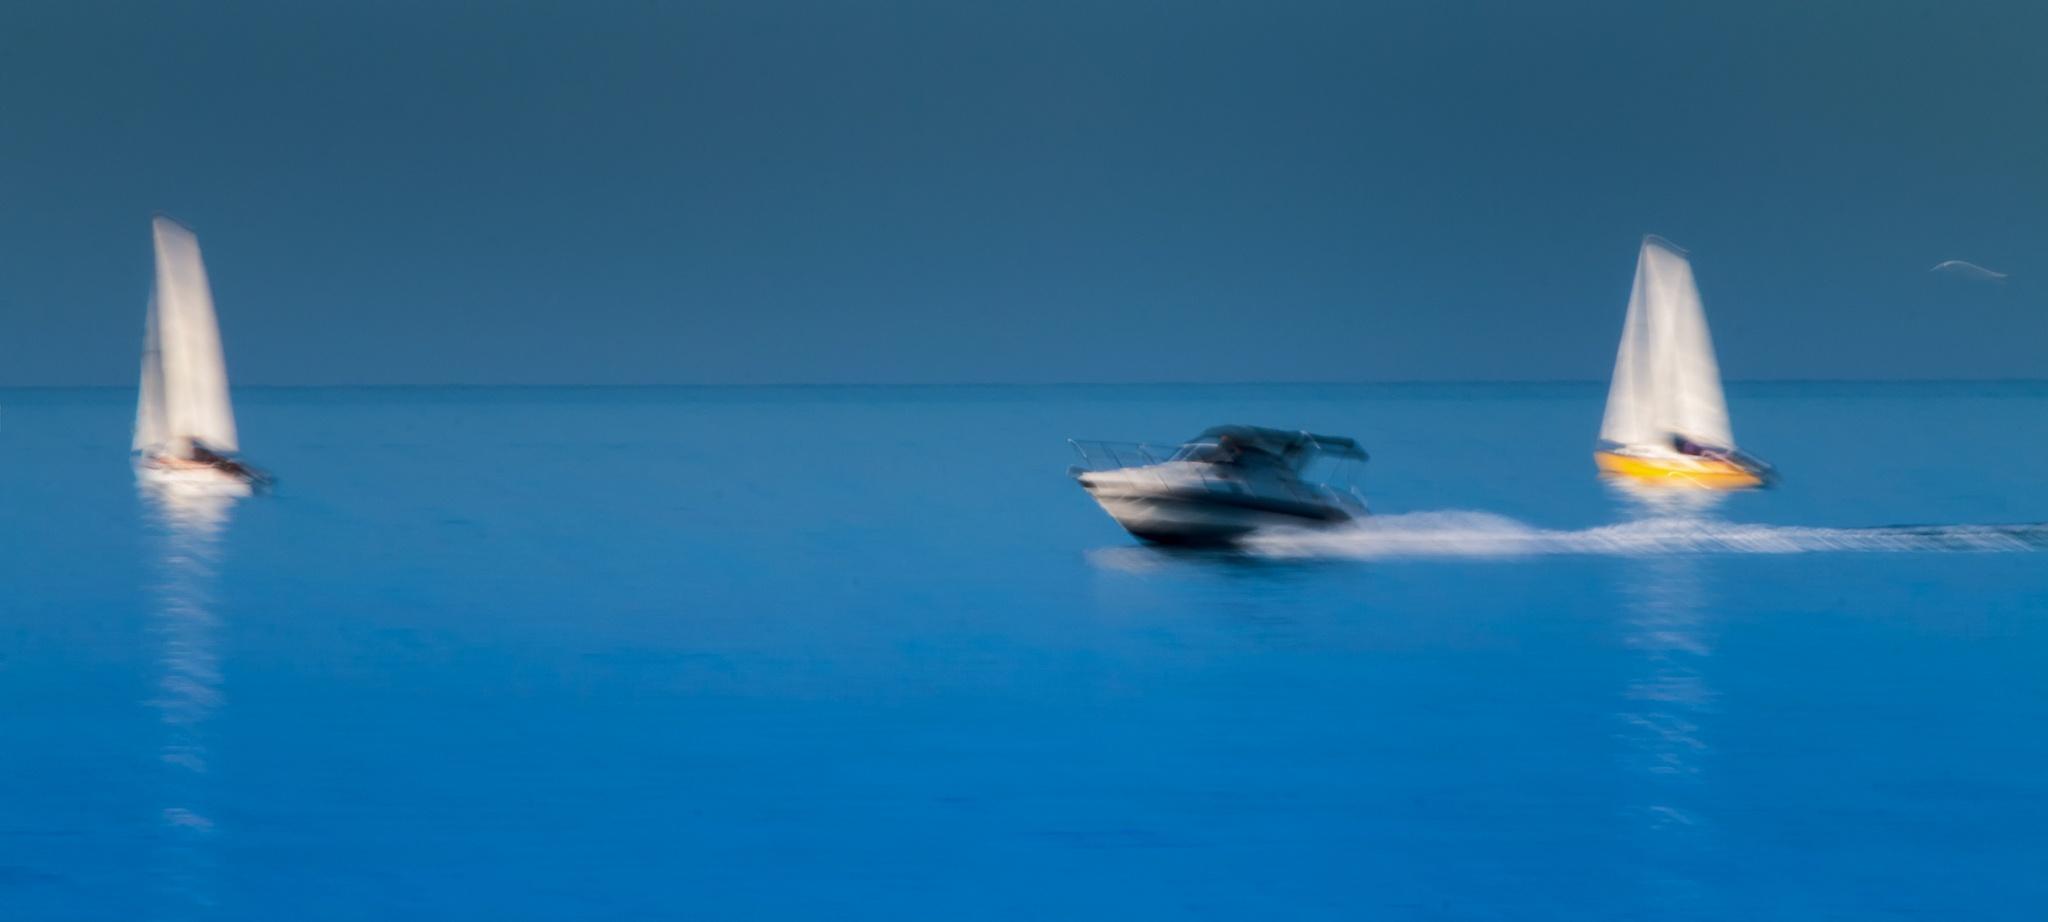 The Escape by Michele Marrucci